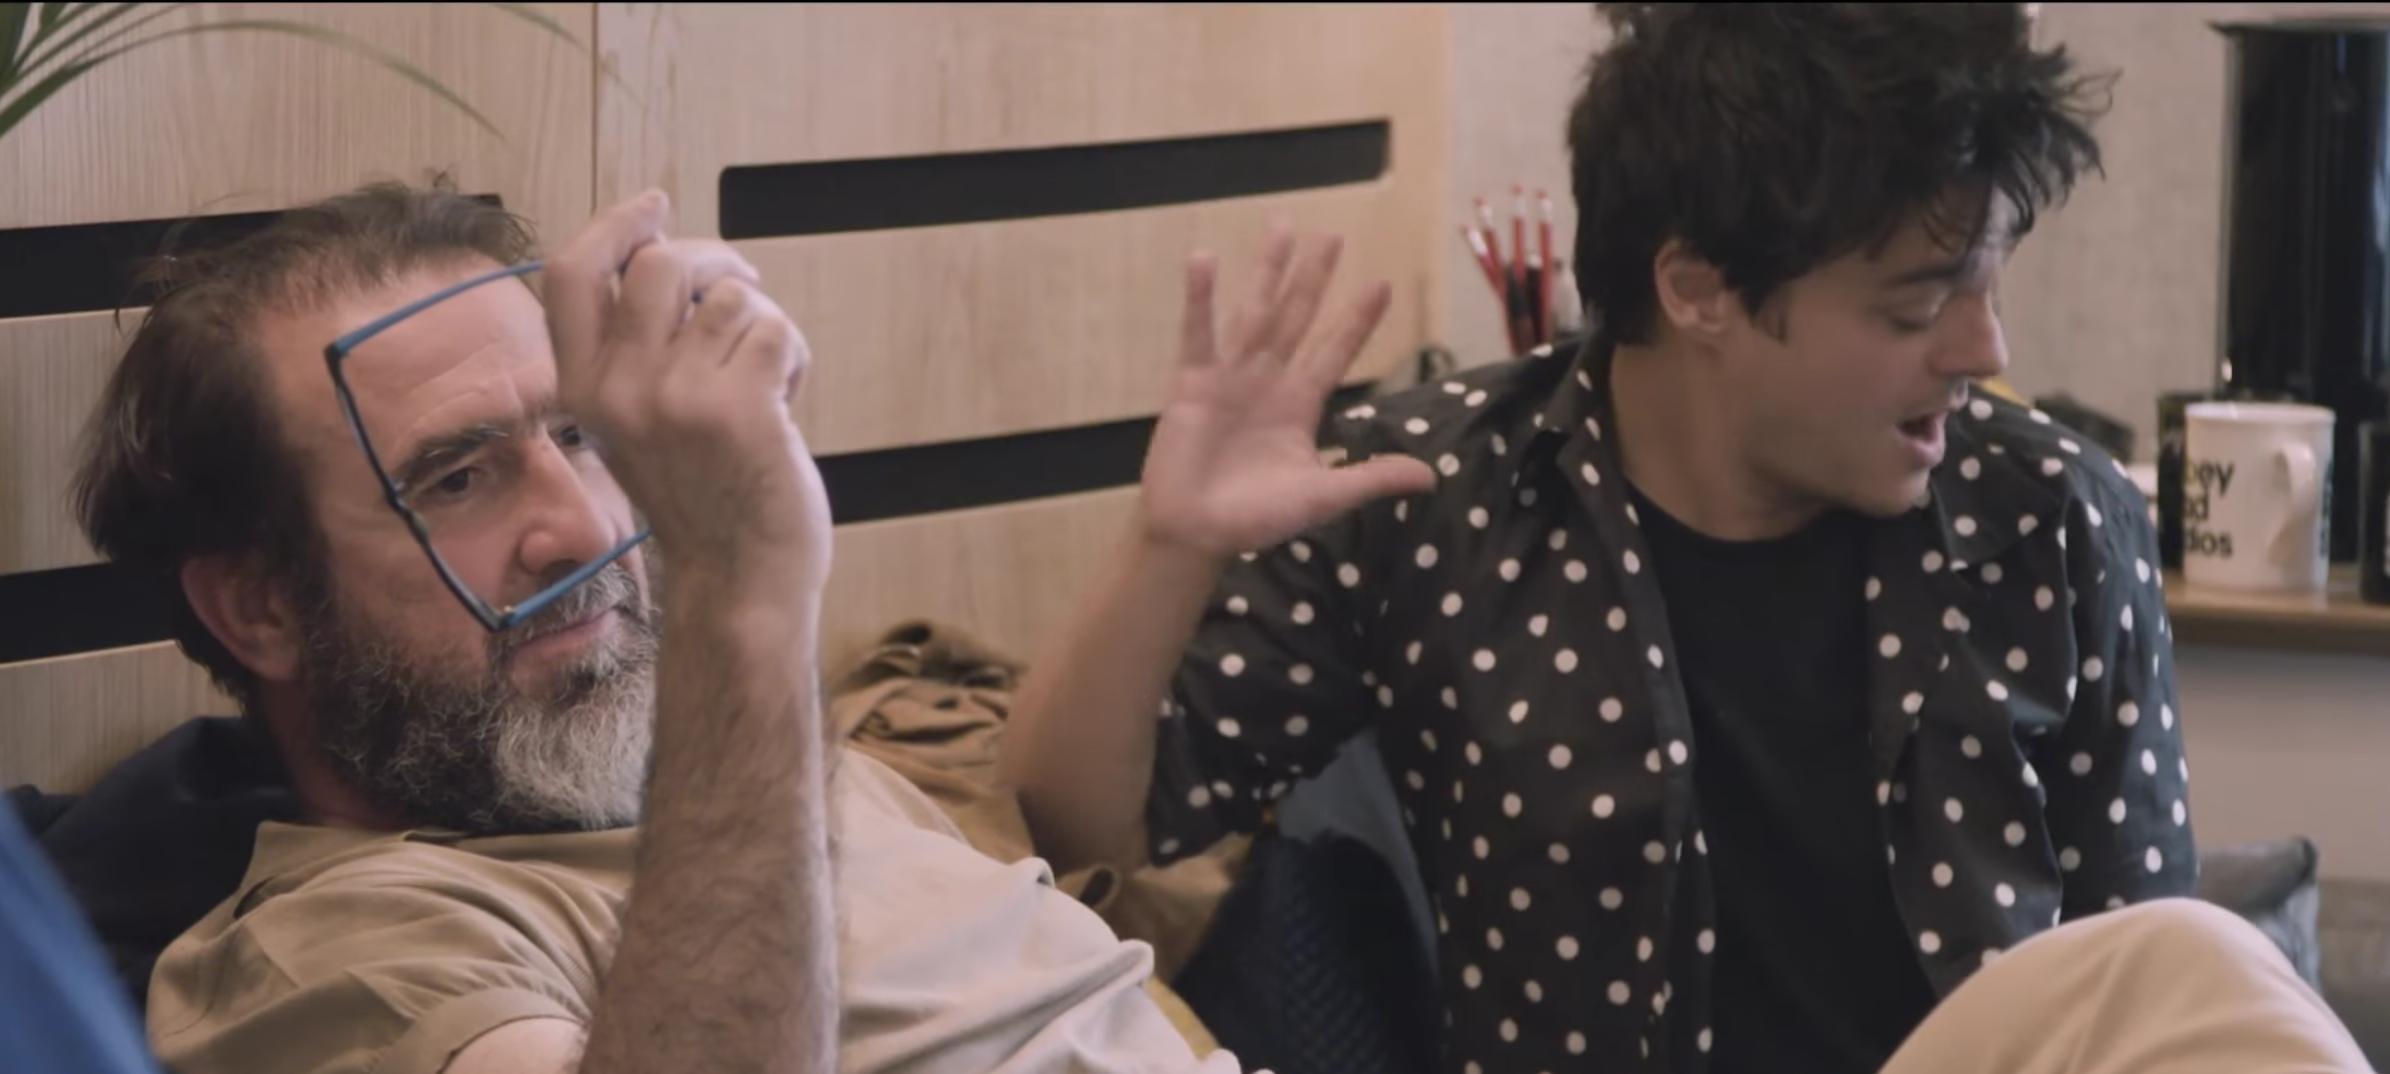 Eric Cantona and Jamie Cullum